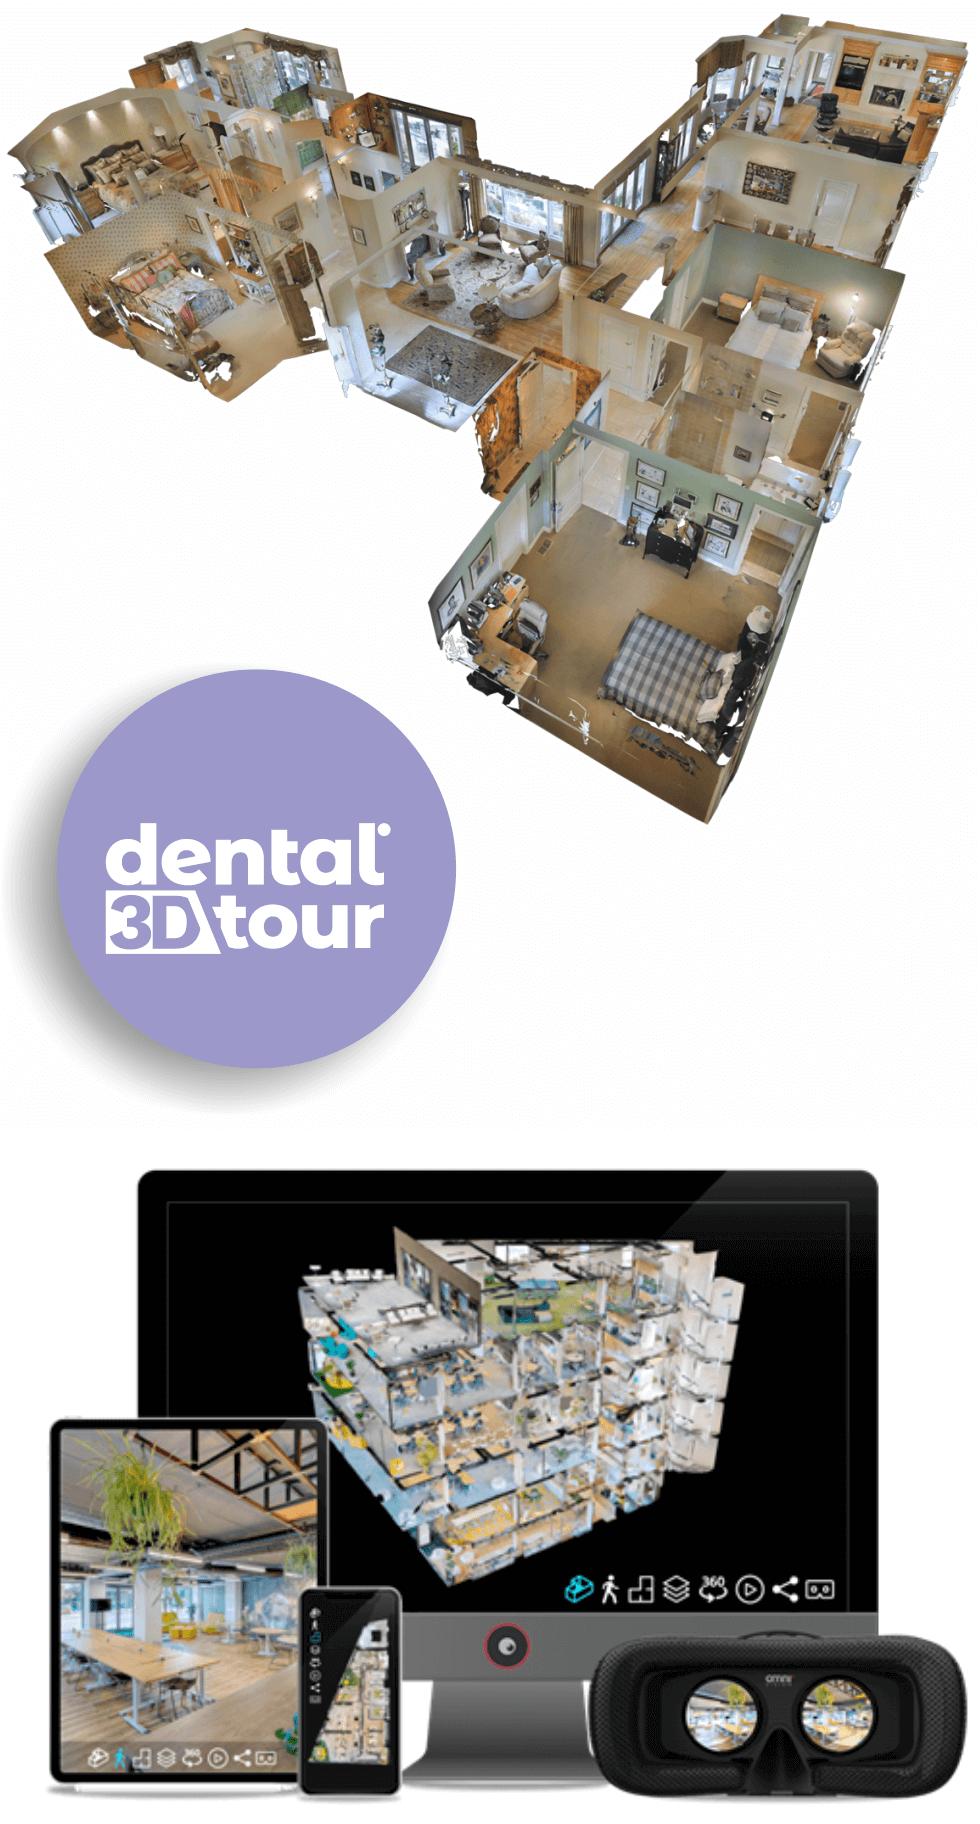 tururi virtuale pentru dermatologie, medicina dermatologica - tururi 360